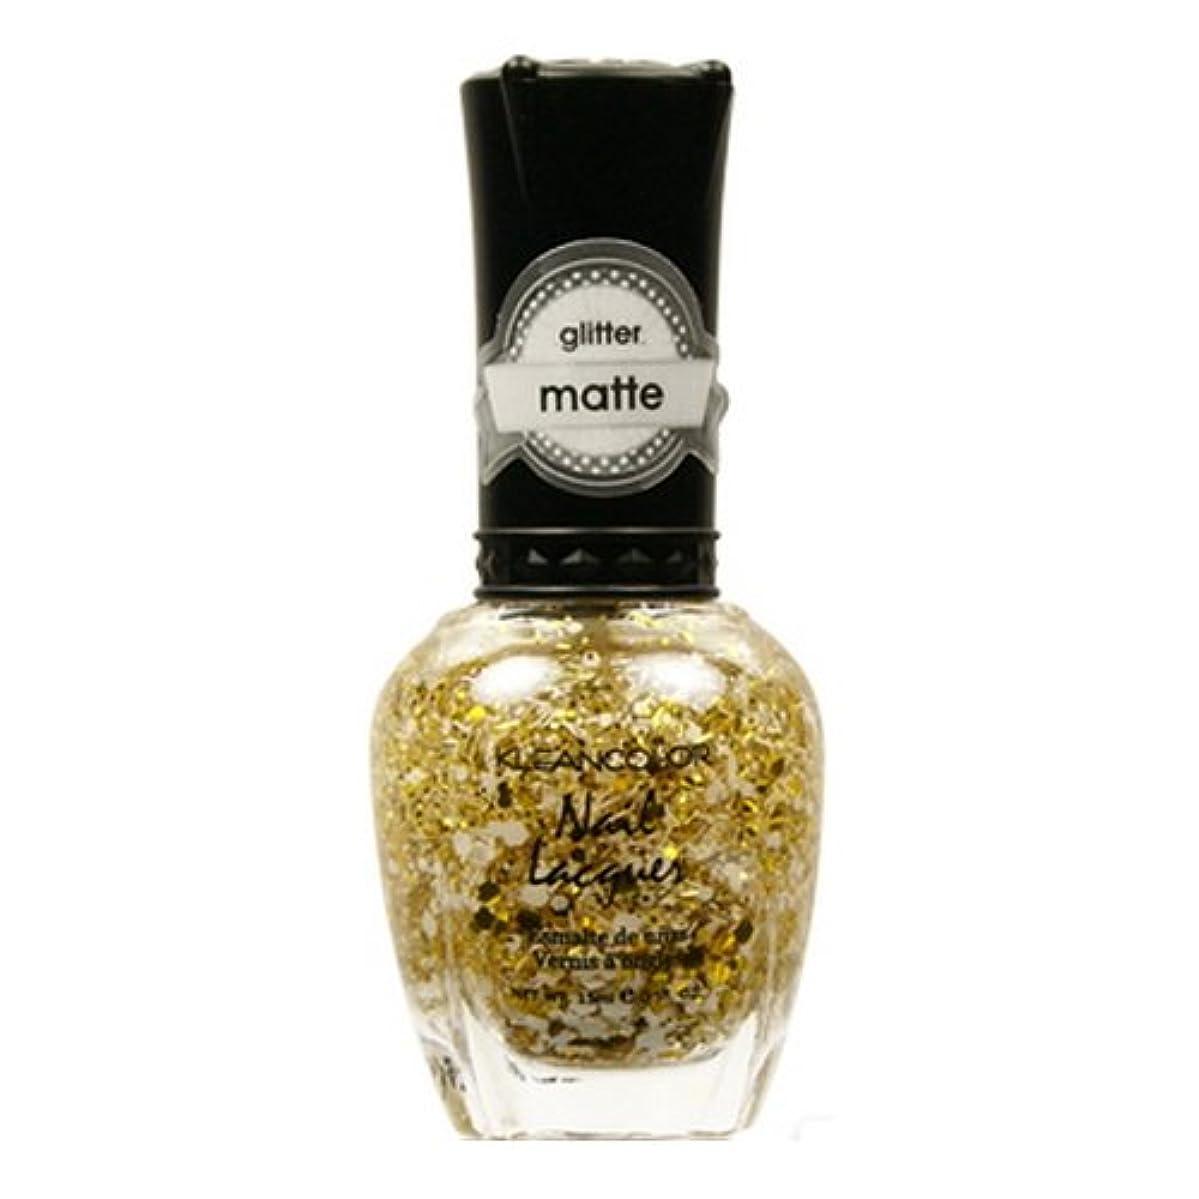 尾聴衆不愉快にKLEANCOLOR Glitter Matte Nail Lacquer - Everyday is My Birthday (並行輸入品)